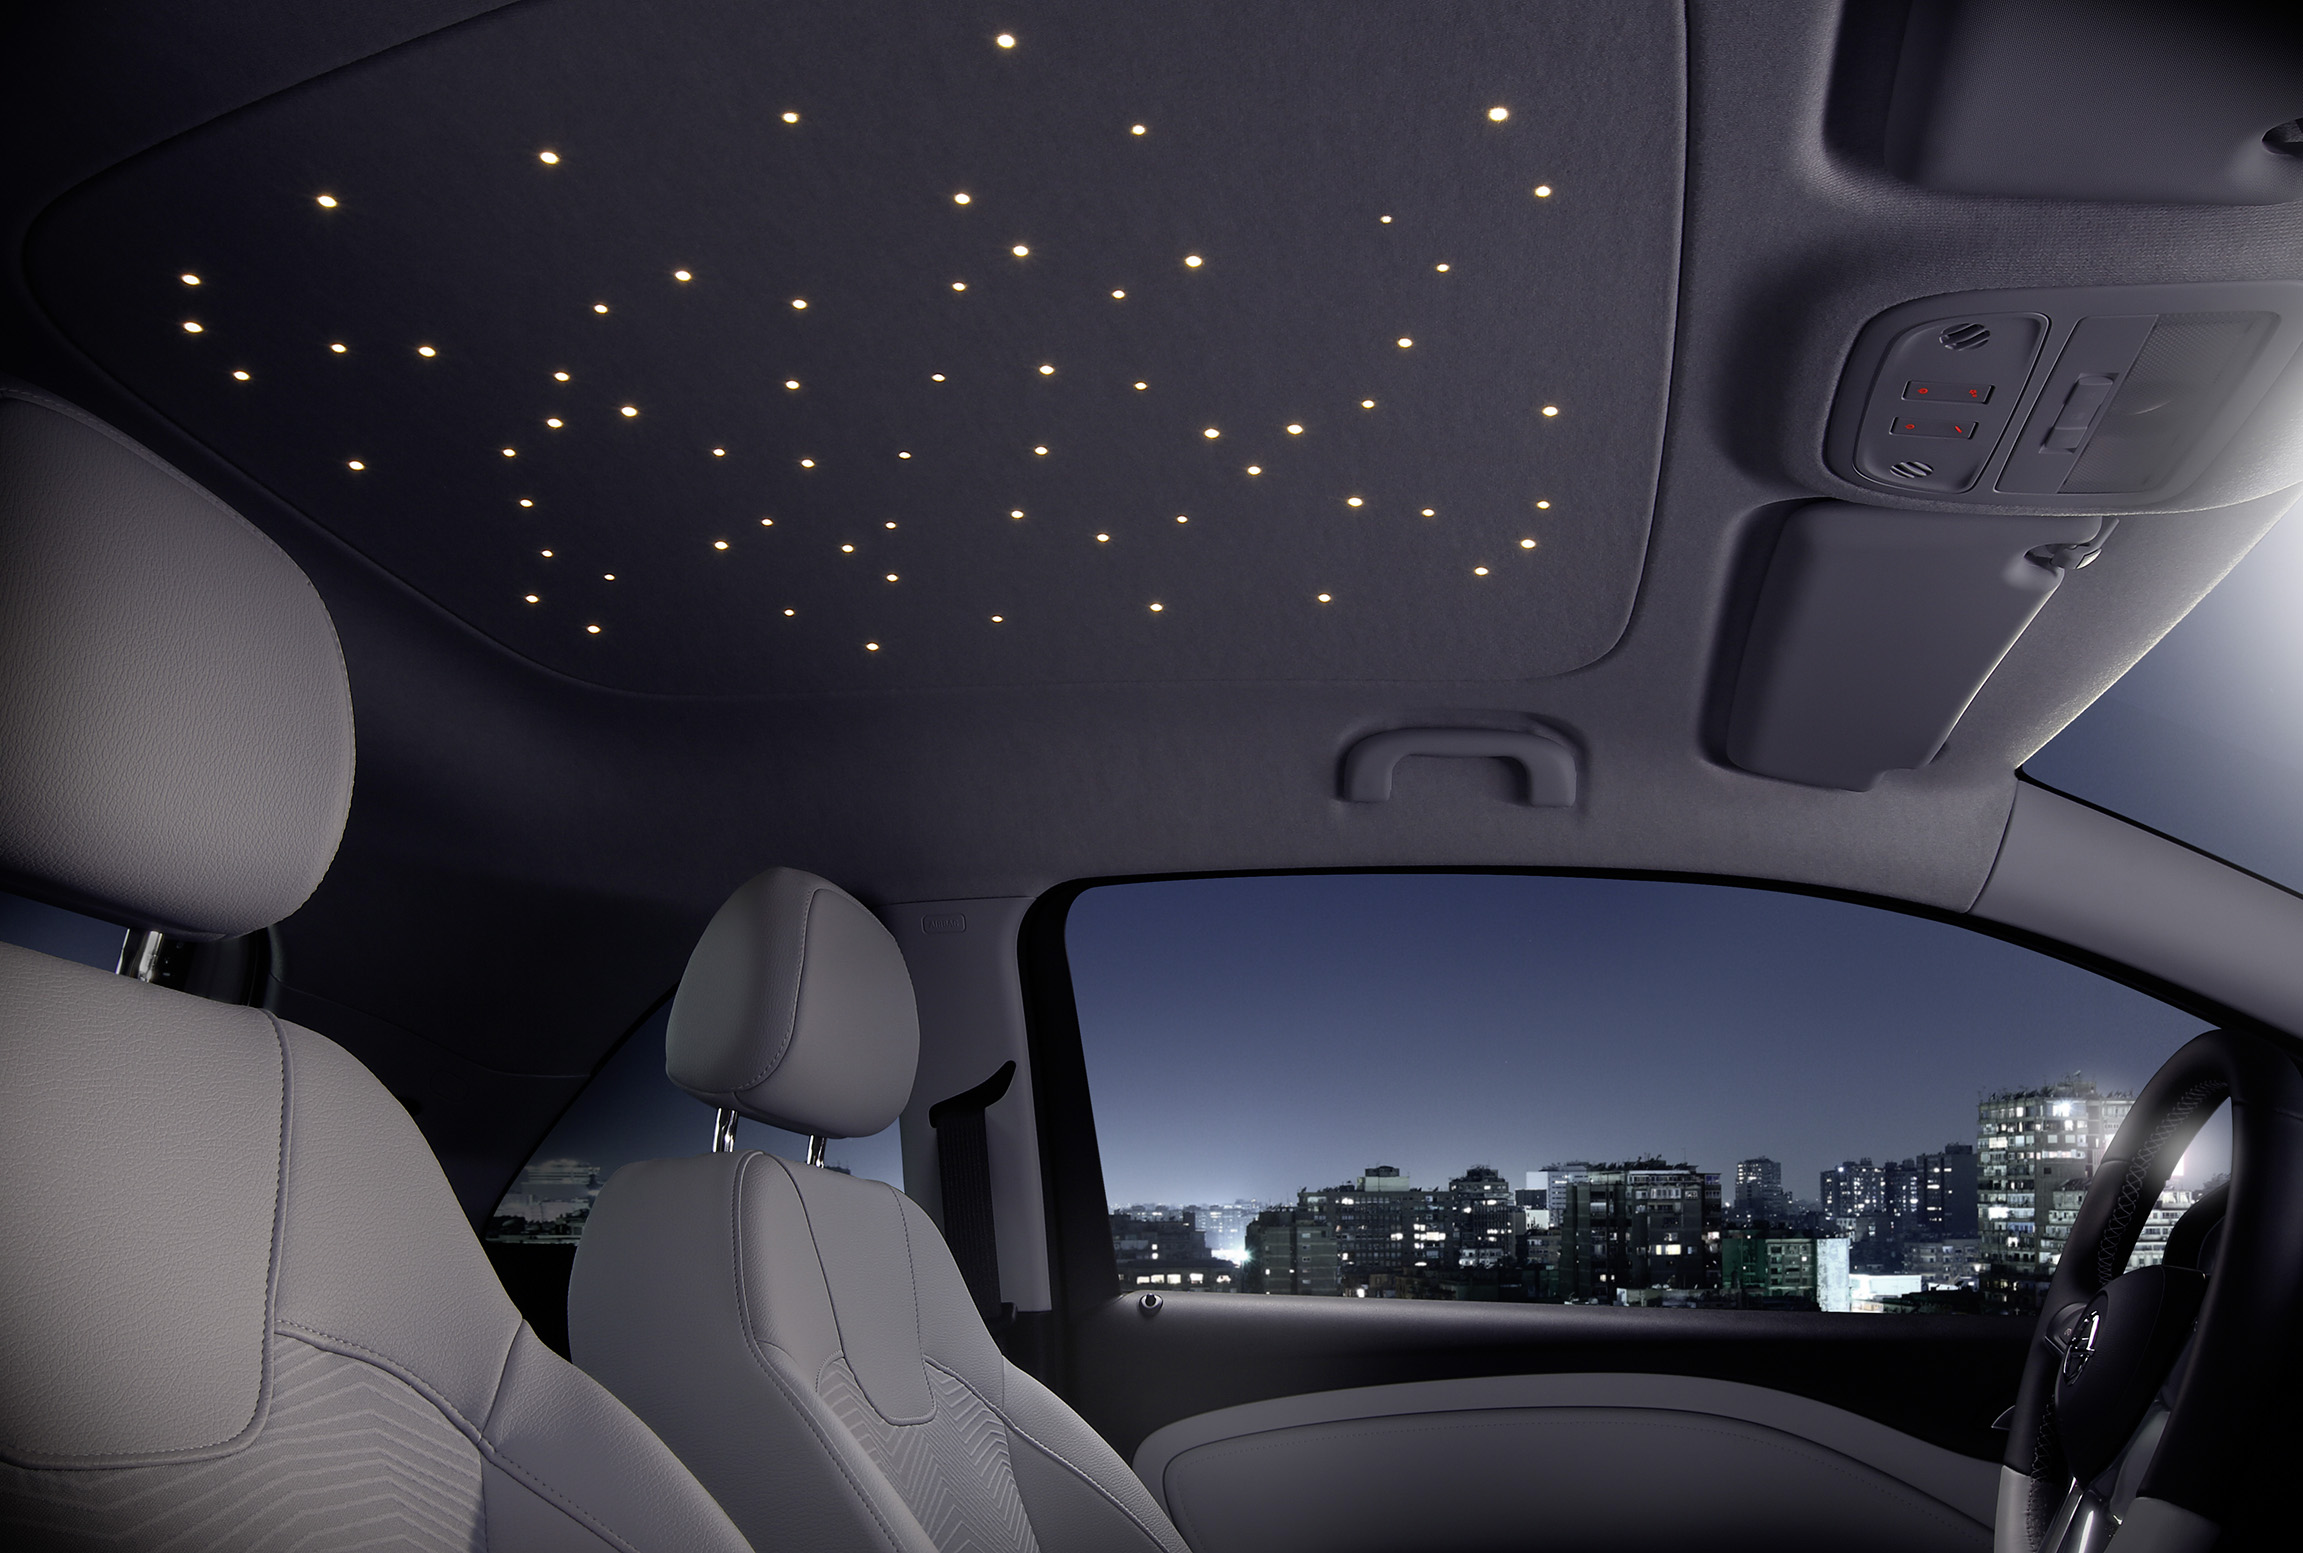 Wenn im Auto die Sterne funkeln, Freudenberg & Co. KG ...